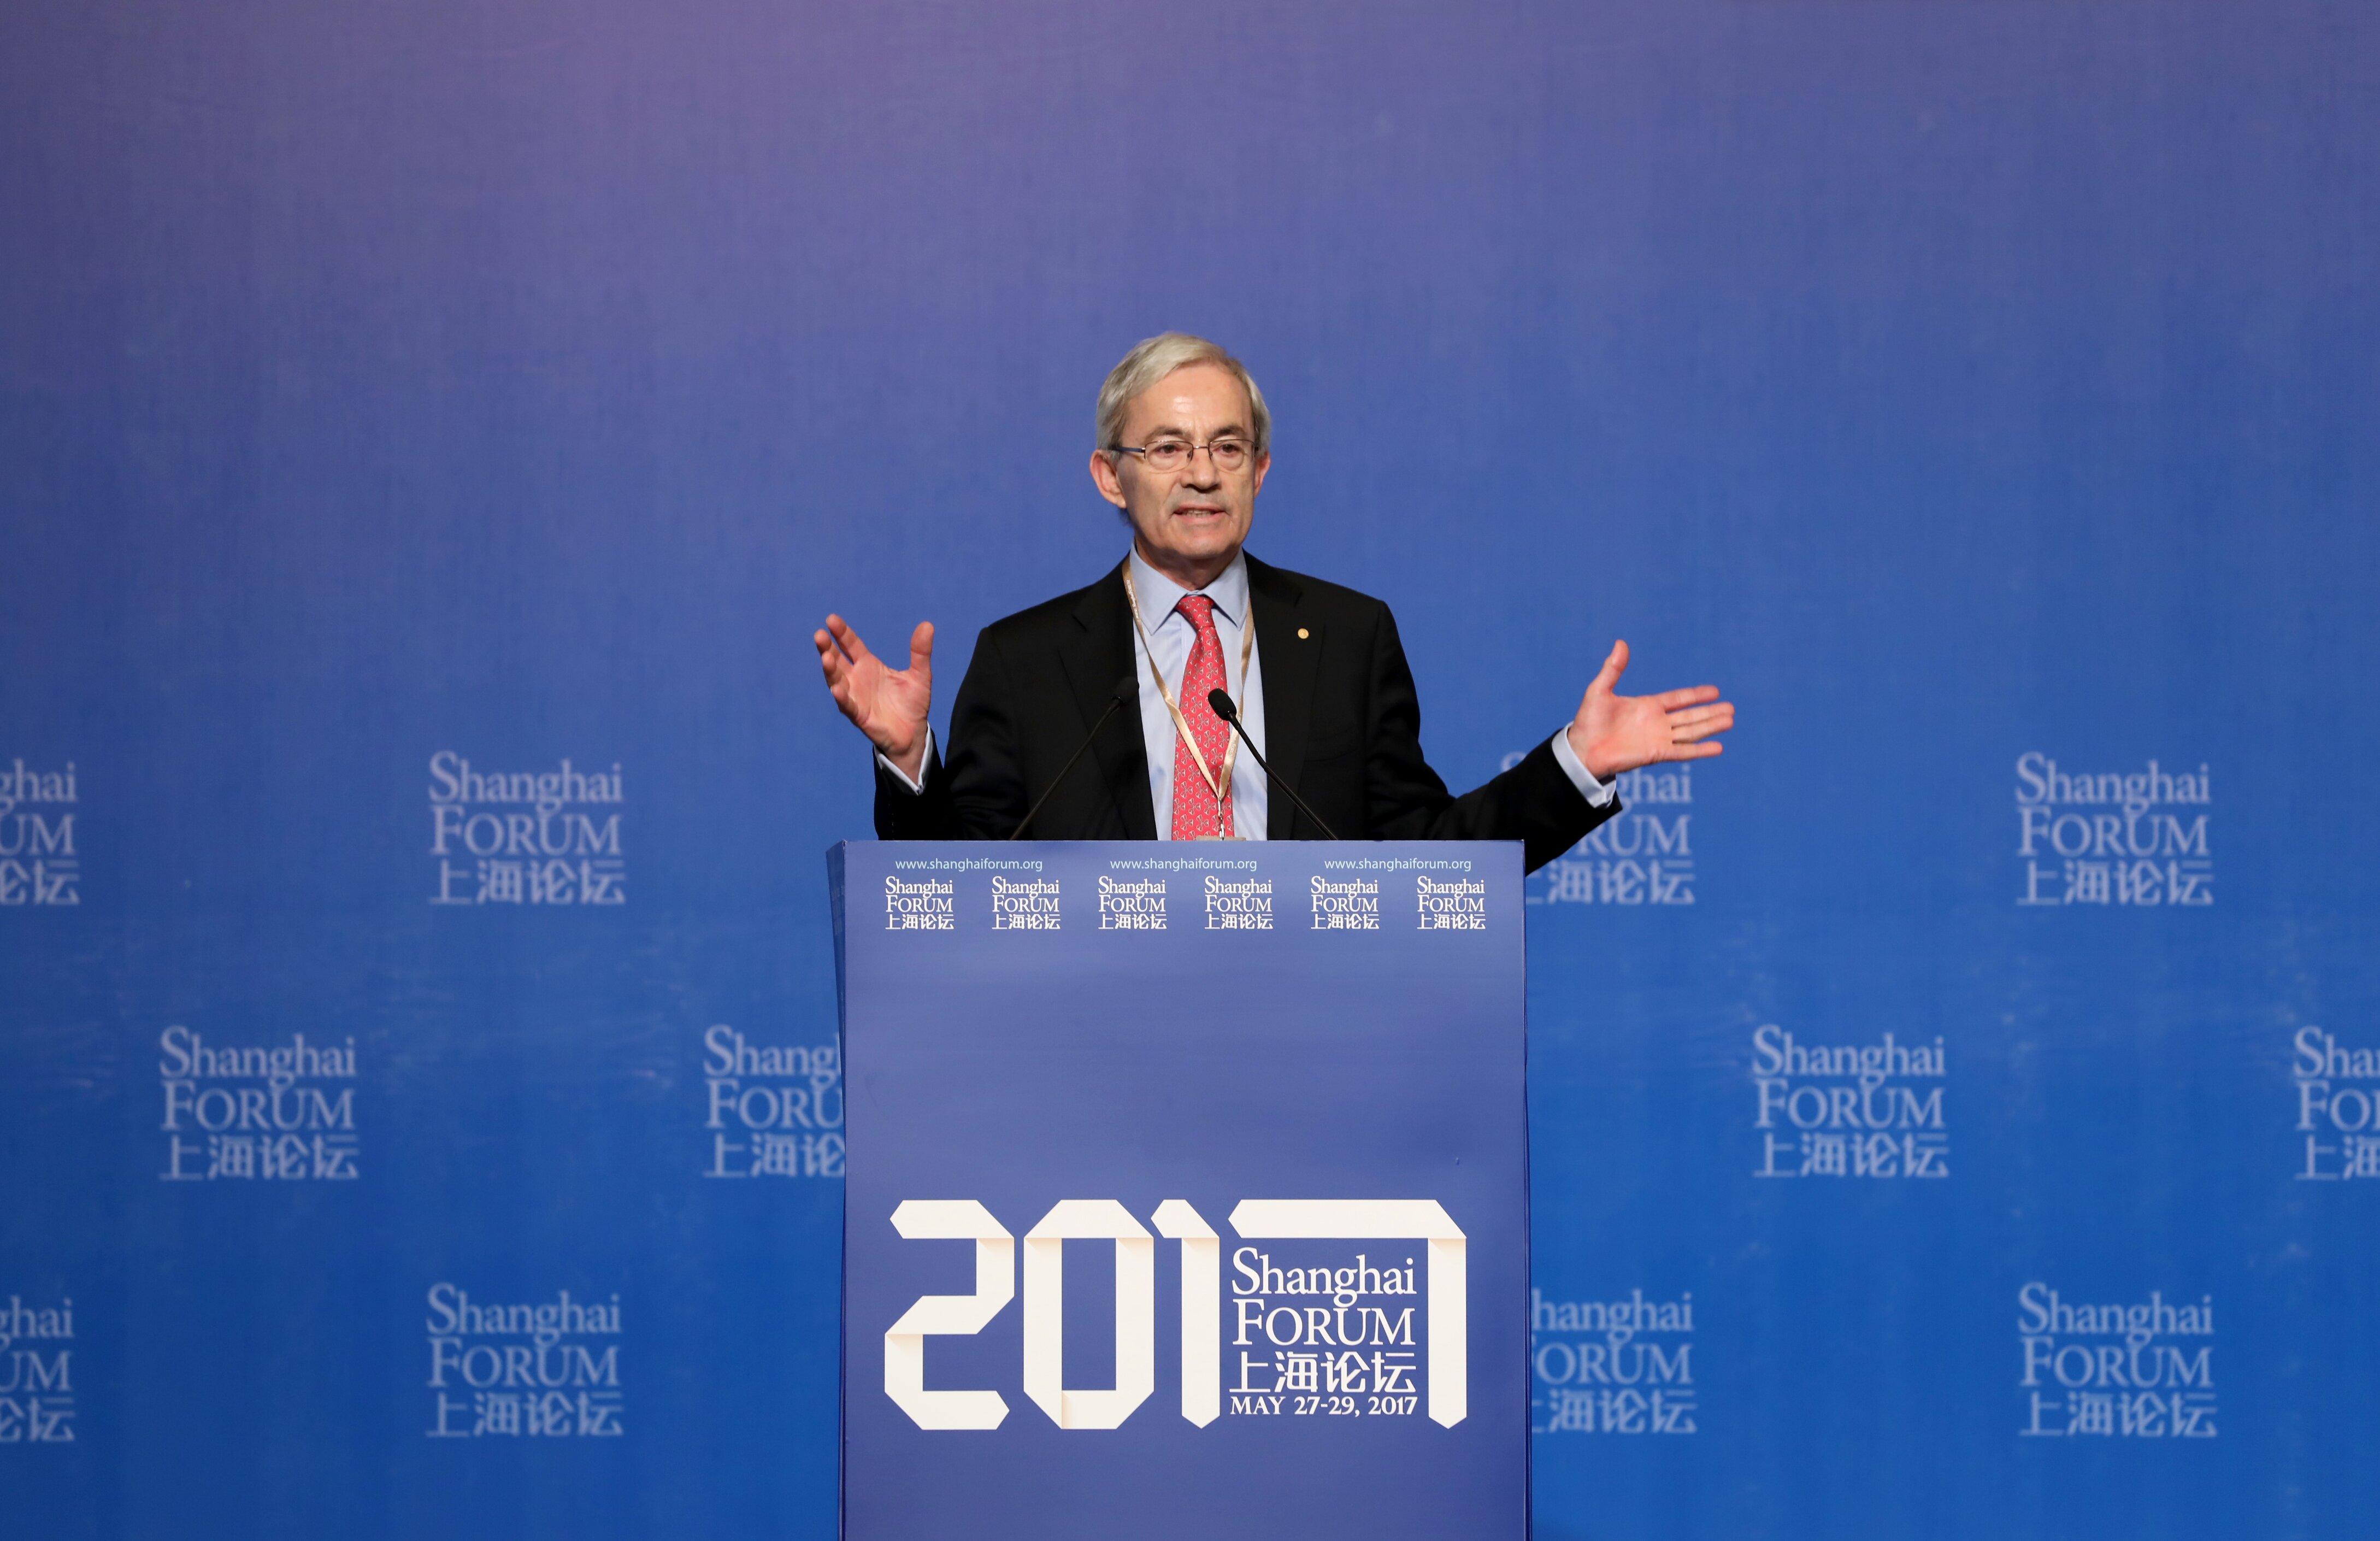 2010年诺贝尔经济学奖得主克裏斯托弗·皮萨裏德斯爵士(chris